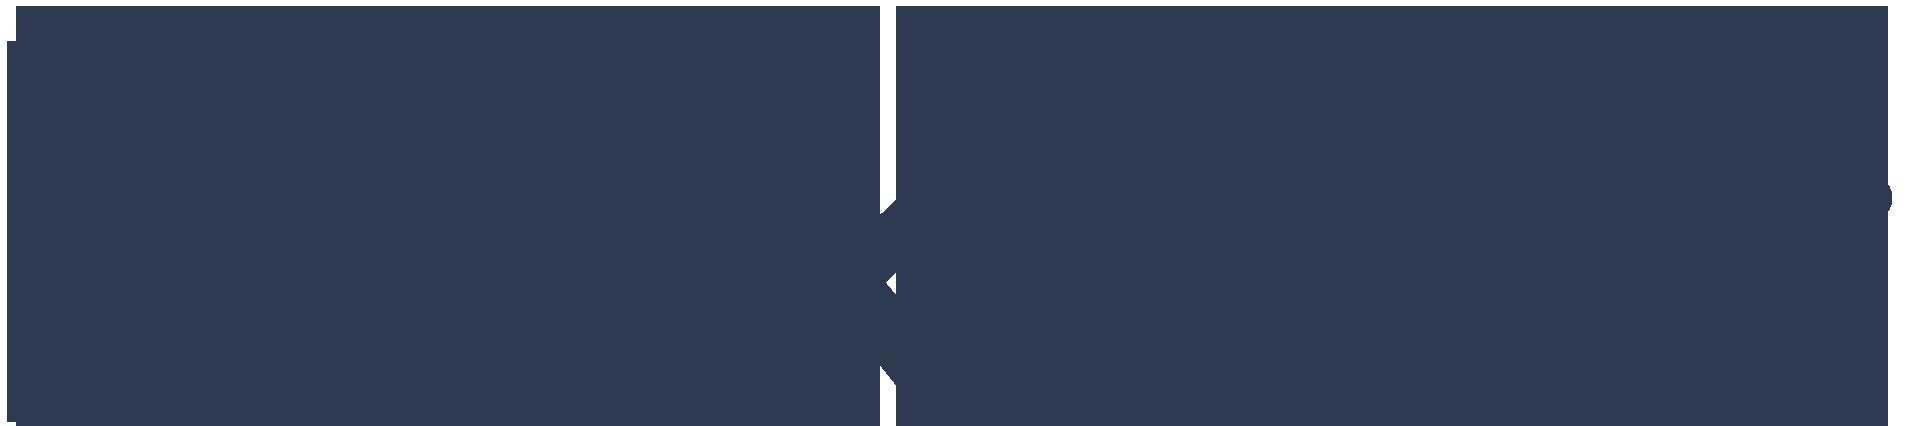 bankrate-logo-1